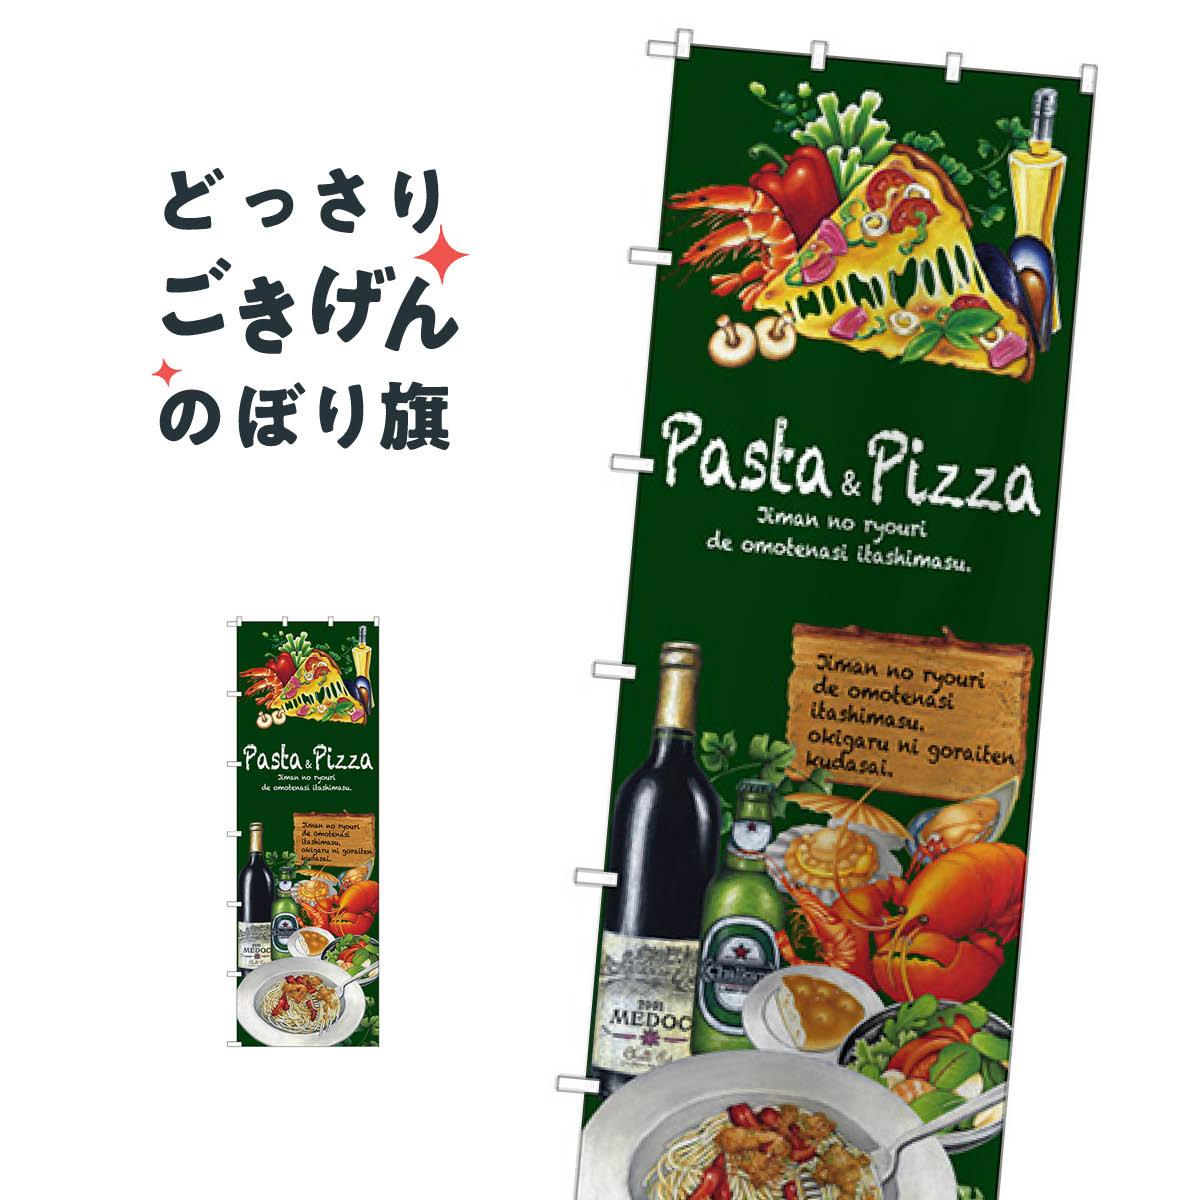 長年商売繁盛を支える街でよく見るお馴染み元祖のぼり旗 感謝価格 ジャンボサイズ パスタ ピザ のぼり旗 PastaPizza スパゲティ 新登場 67856